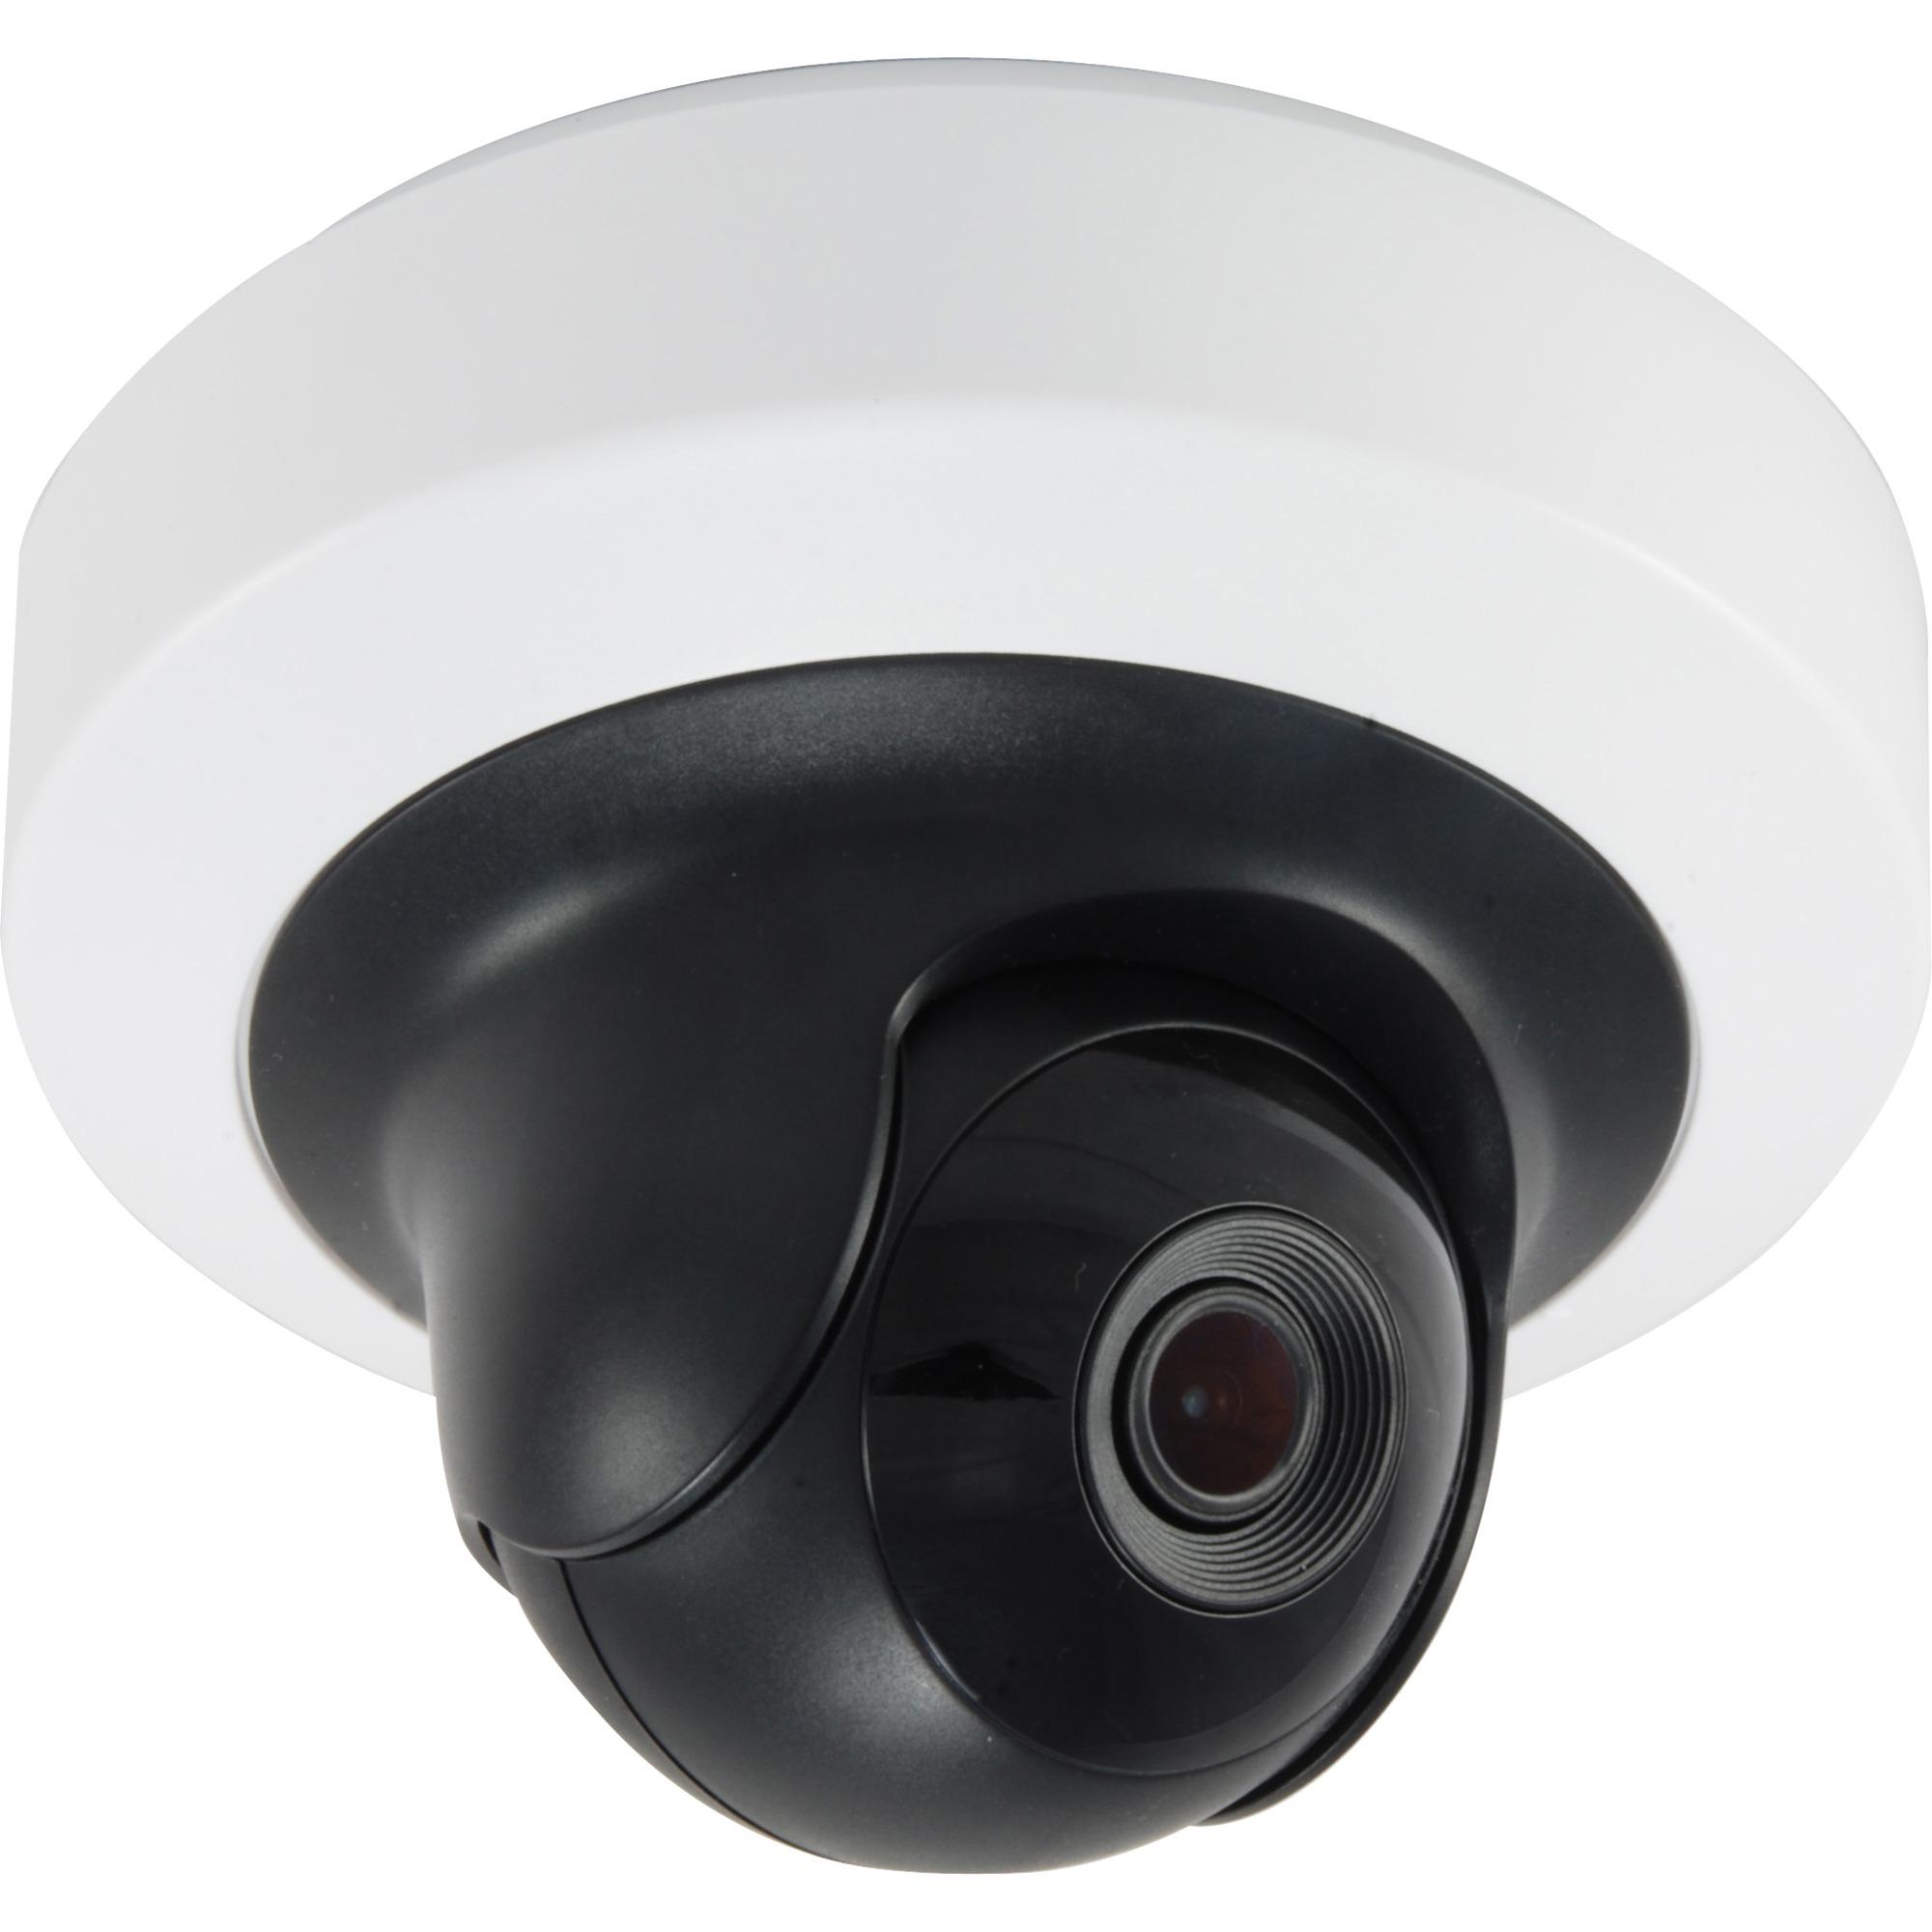 FCS-4103 Cámara de seguridad IP Interior Almohadilla Blanco 2688 x 1520Pixeles, Cámara de red